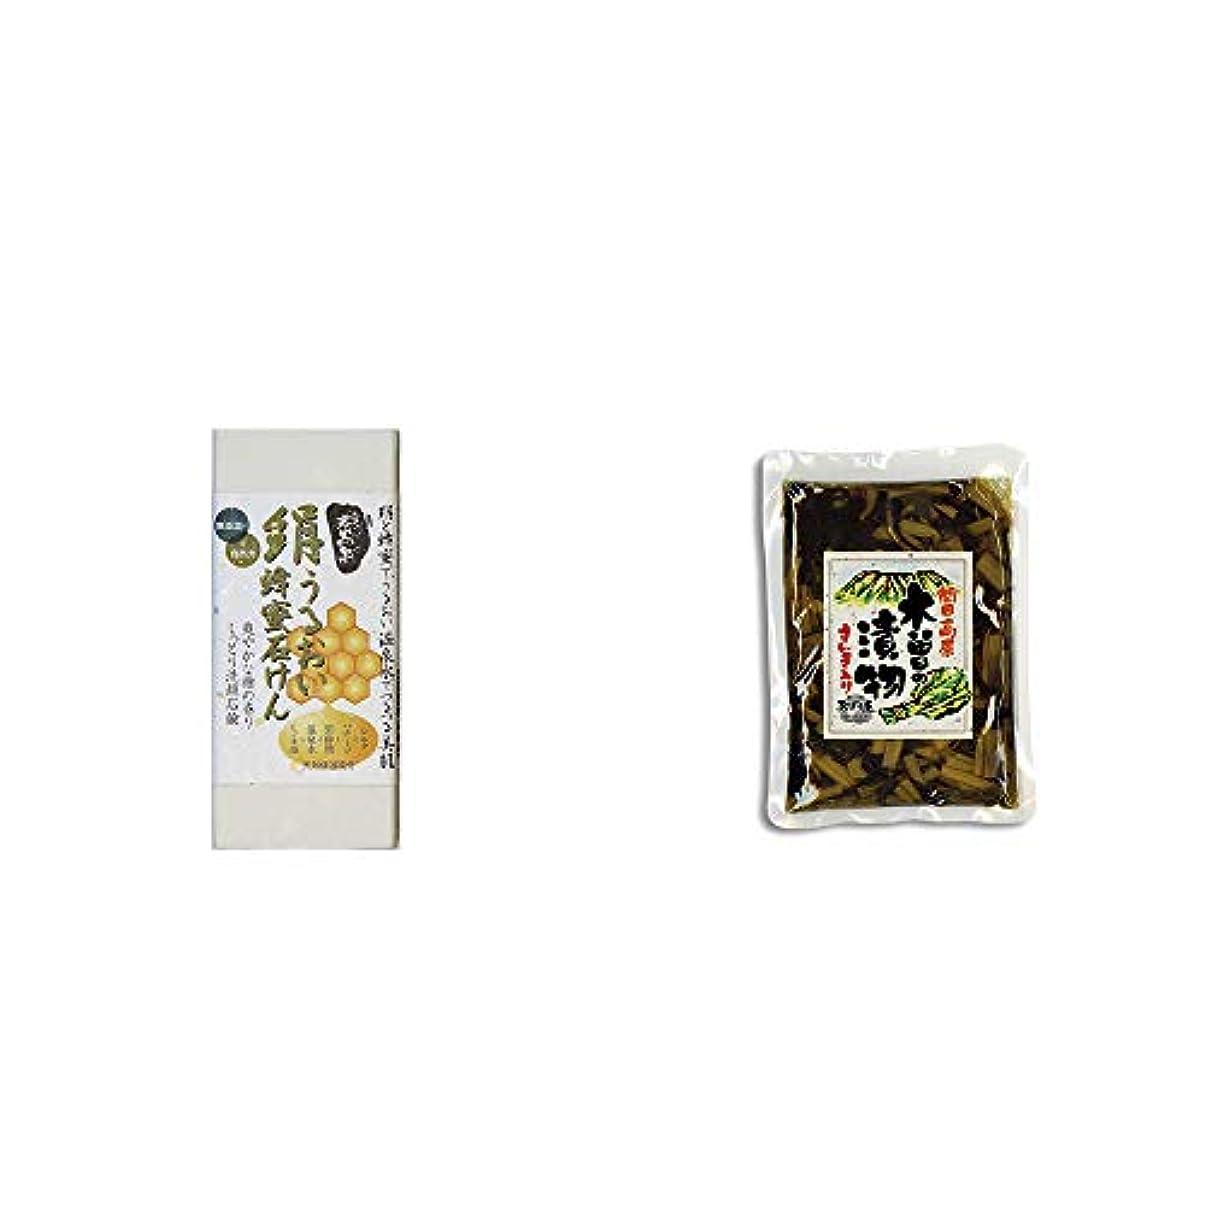 タール偉業傀儡[2点セット] ひのき炭黒泉 絹うるおい蜂蜜石けん(75g×2)?【年中販売】木曽の漬物 すんき入り(200g) / すんき漬け味付加工品 //